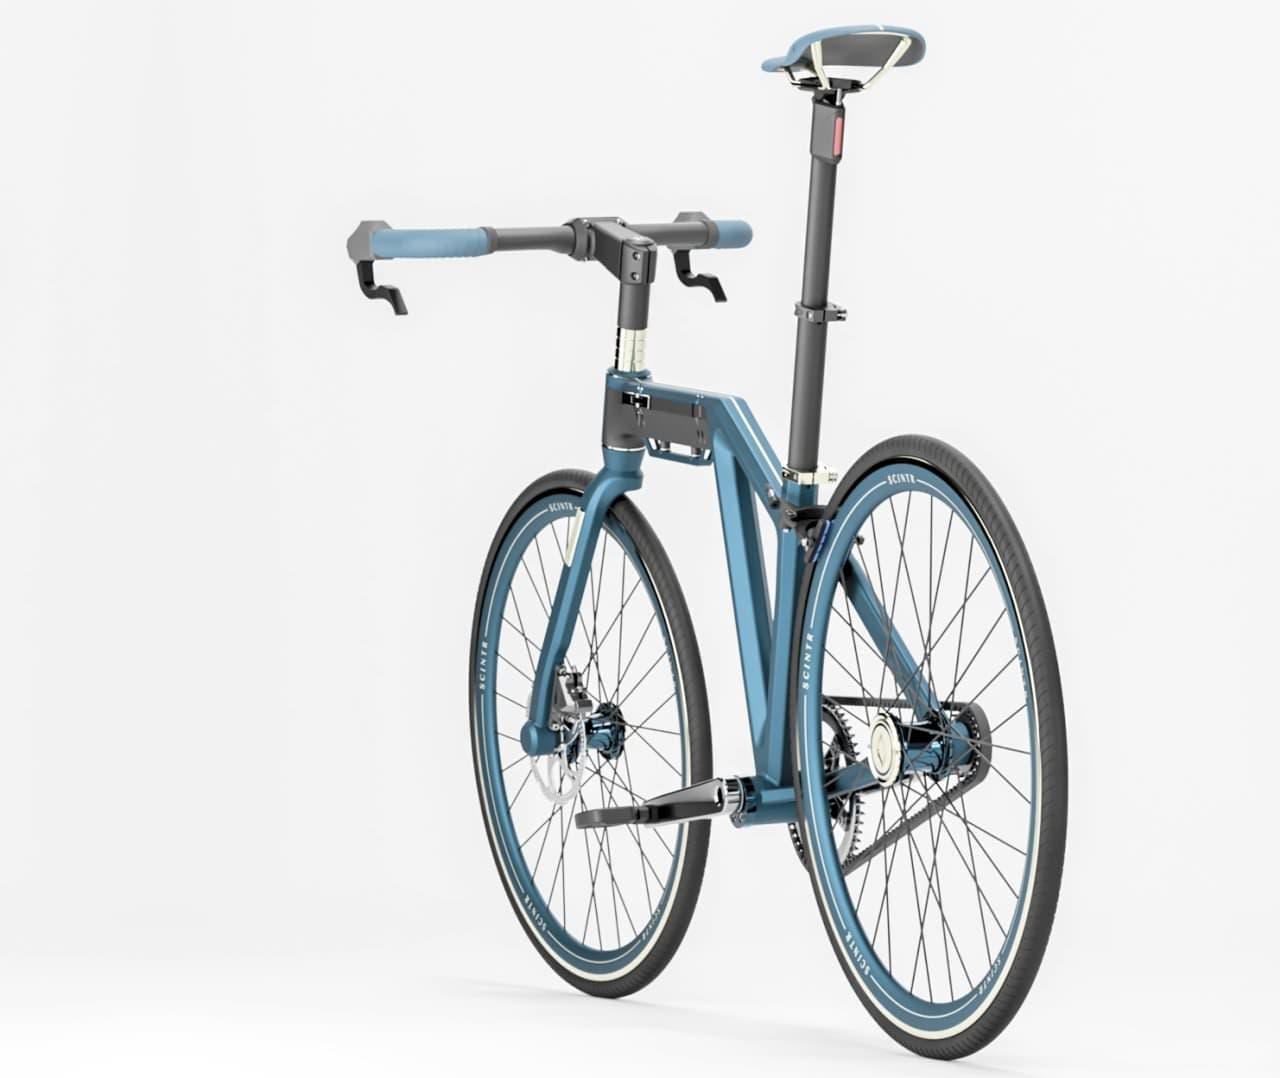 都市生活者向けの折り畳みクロスバイク「TRIG」